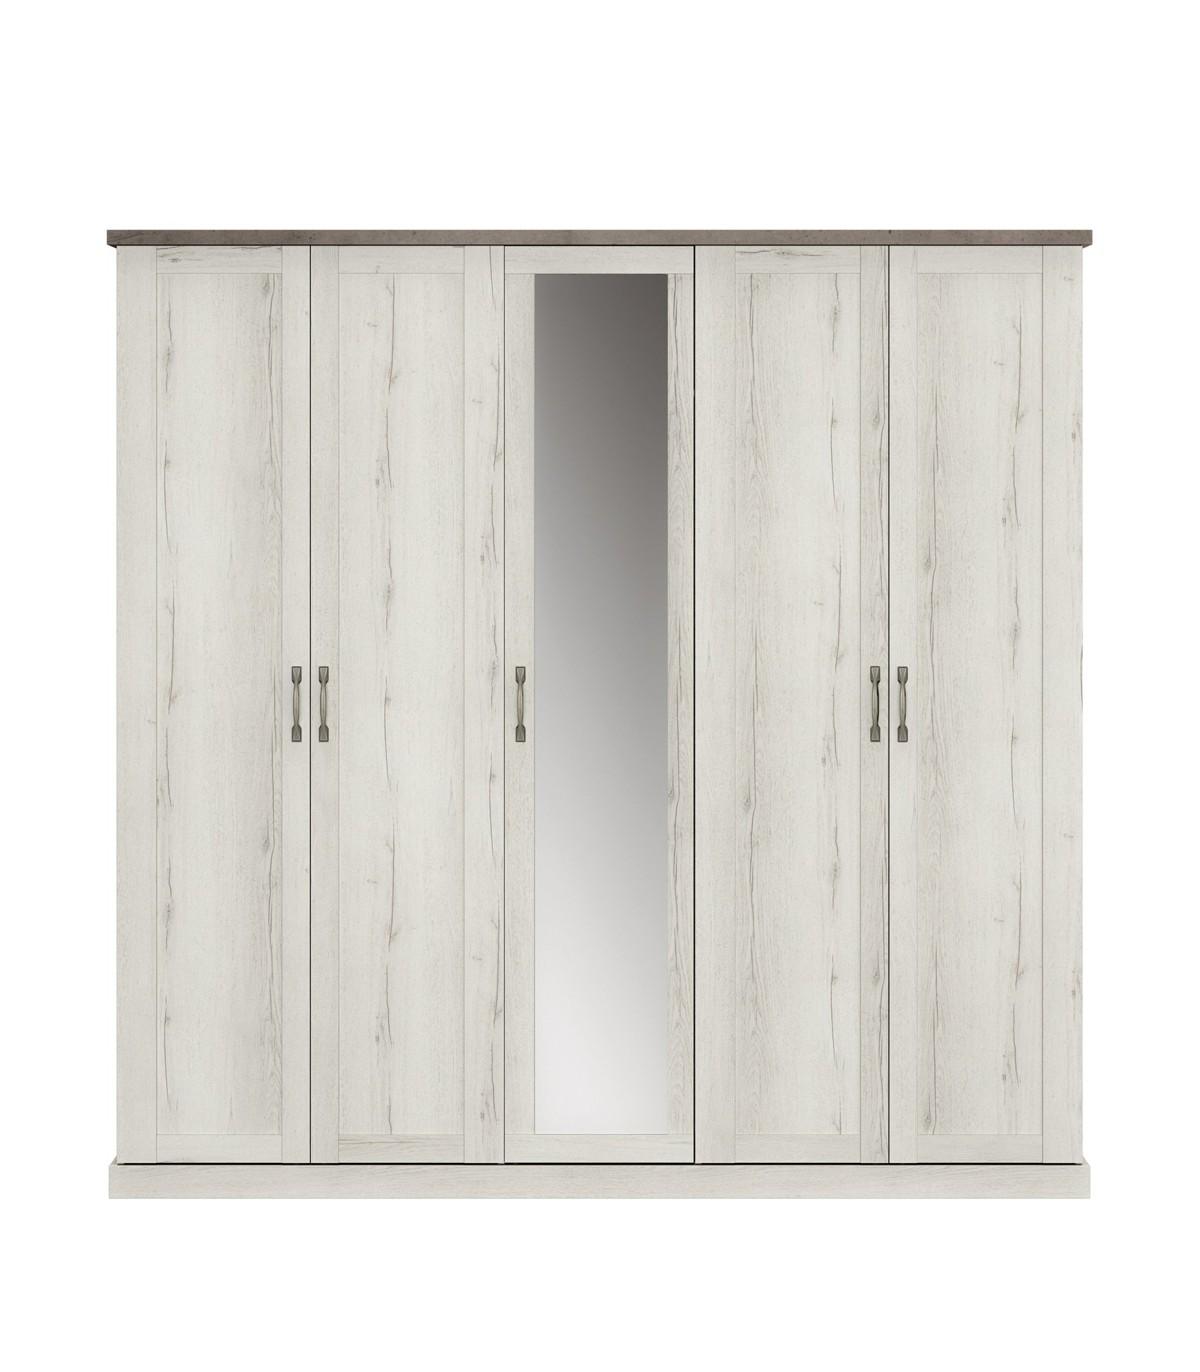 Armoire 5 portes avec miroir - Décor Chêne blanchi